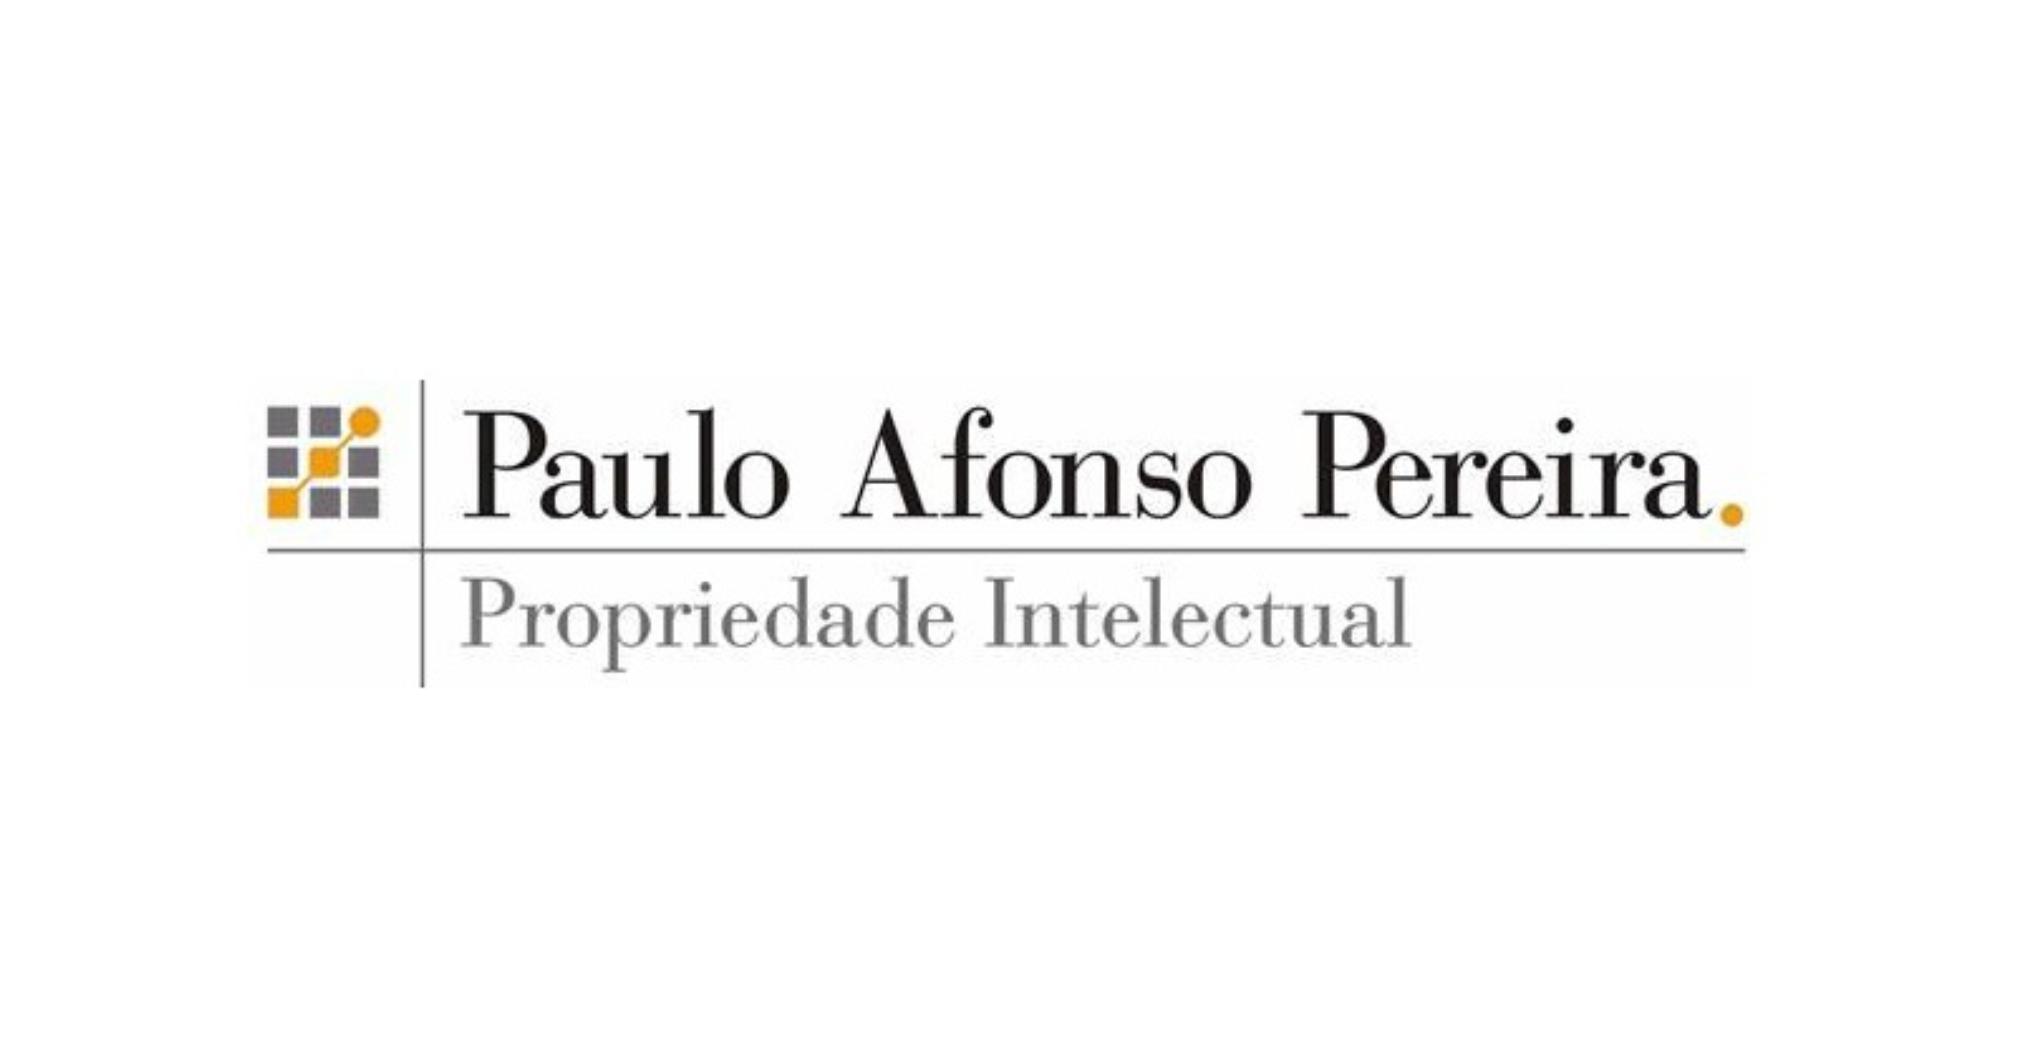 Paulo Afonso